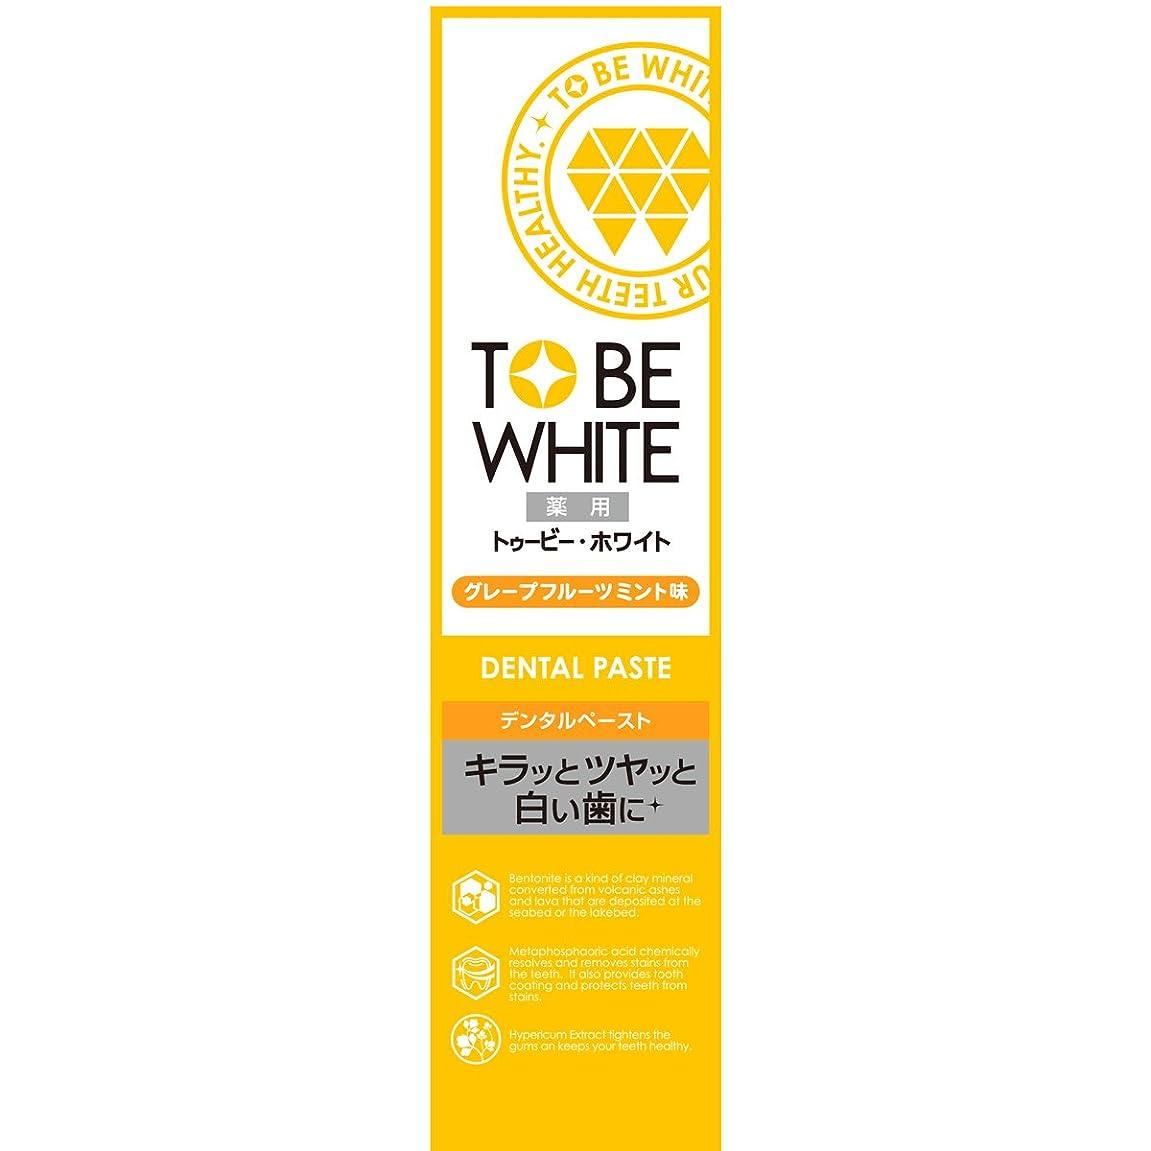 トロピカル本気結論トゥービー?ホワイト 薬用 ホワイトニング ハミガキ粉 グレープフルーツミント 味 60g 【医薬部外品】